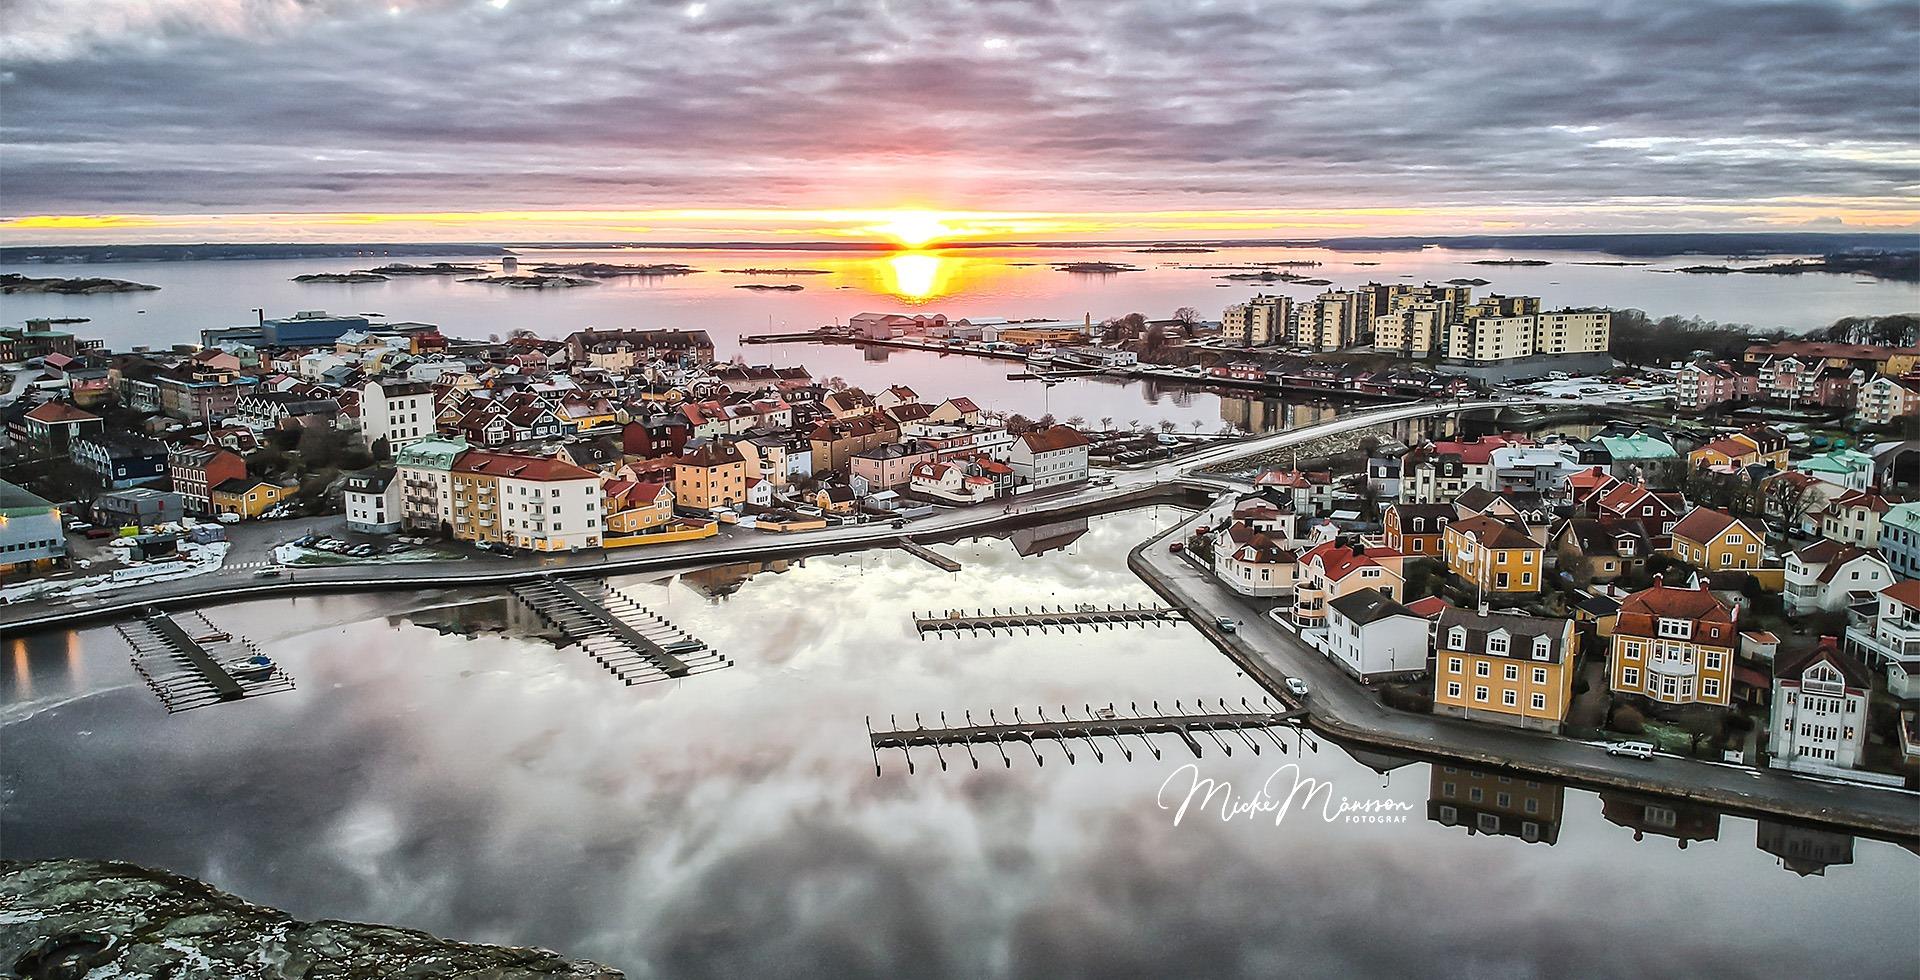 THE ARTS DOT | KARLSKRONA, SWEDEN